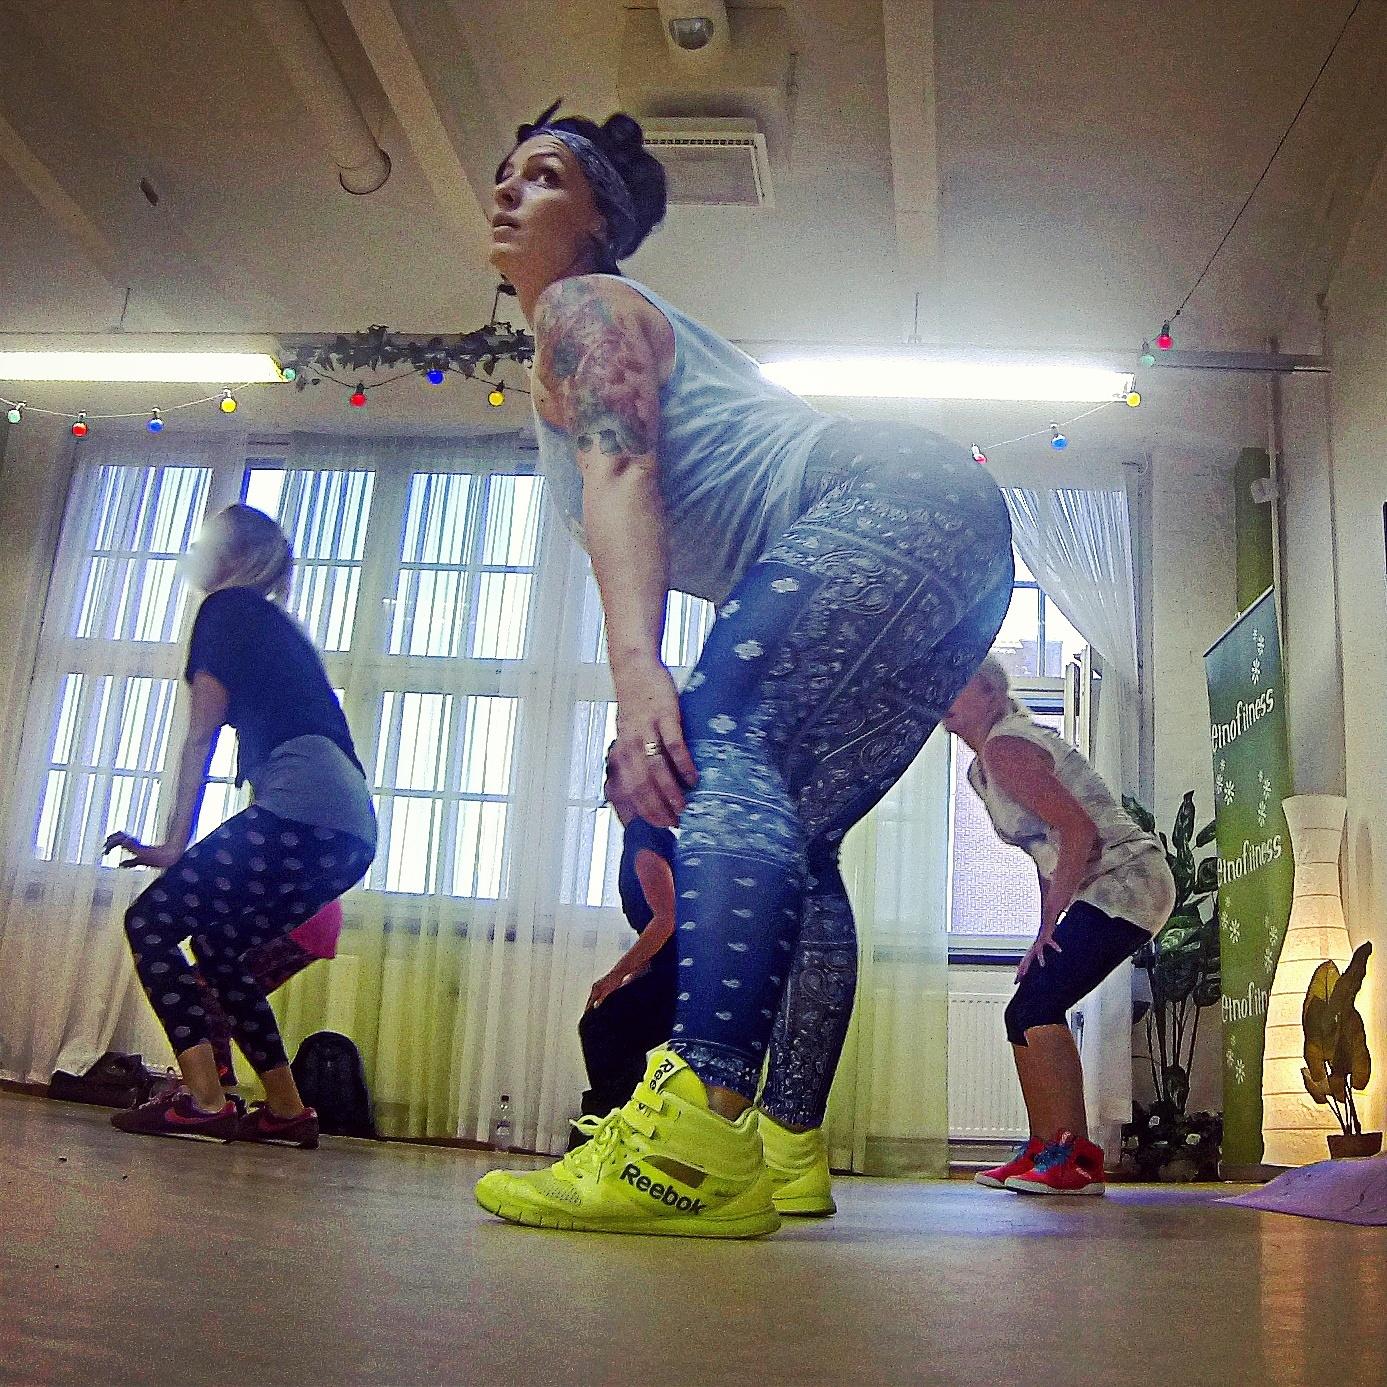 Dancehall Reggae!!! Juma mitä bootyn sheikkausta ja muuta ihanaa! ♥